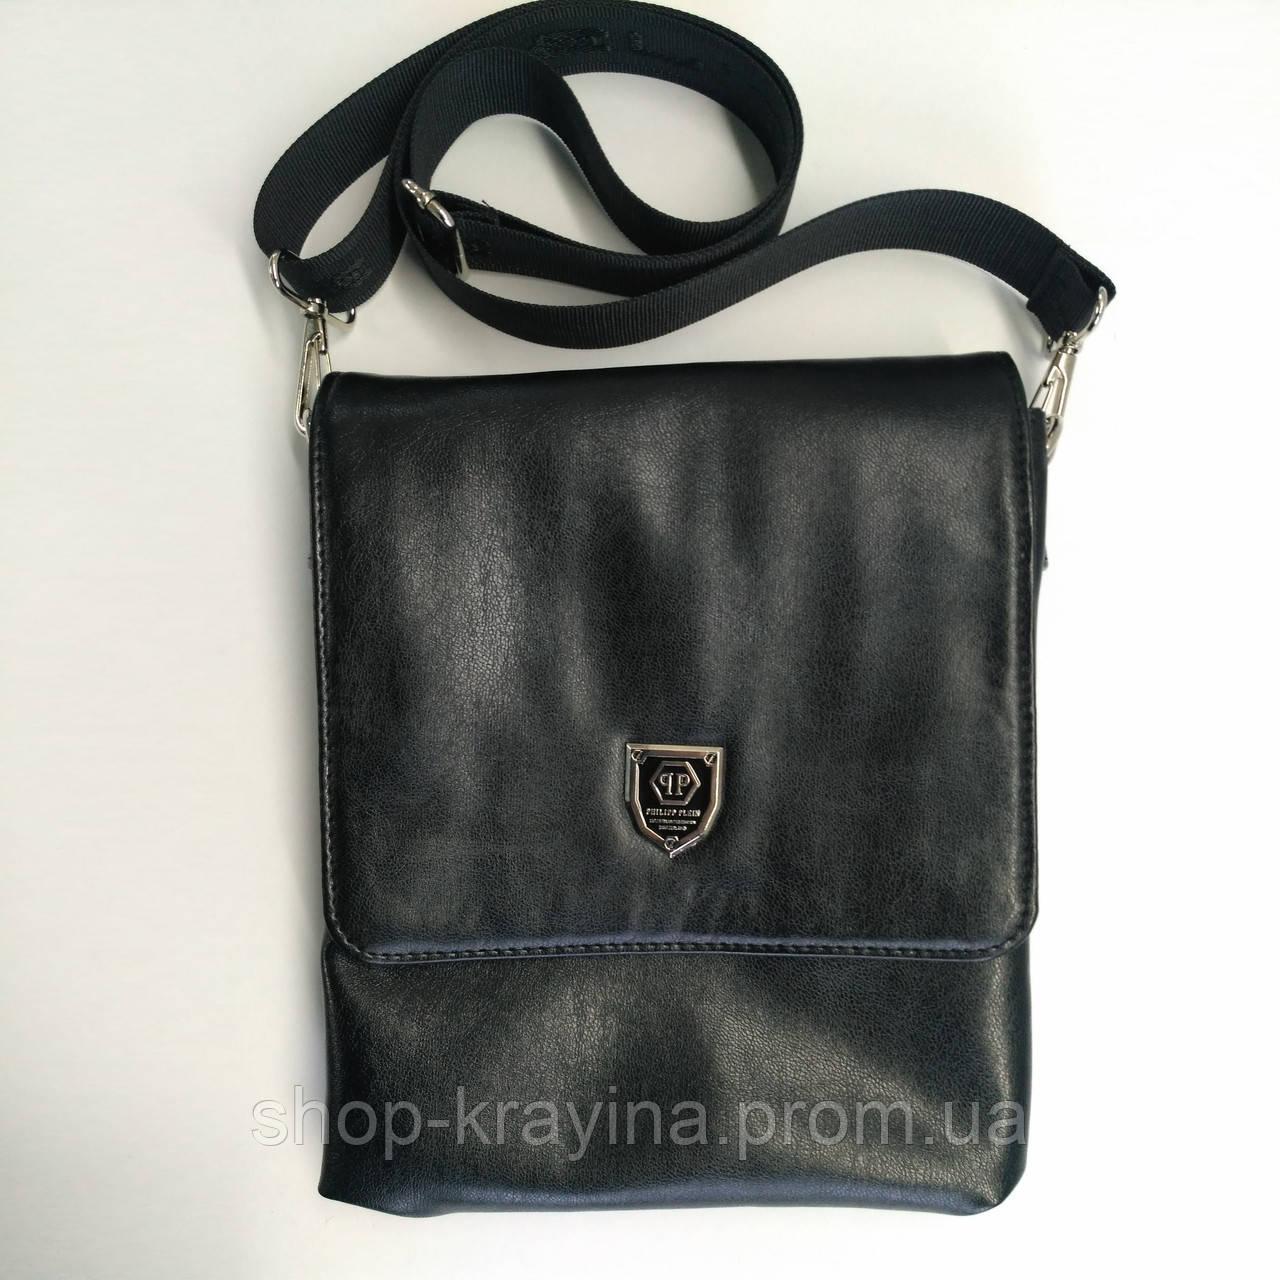 Сумка чоловіча JakPP13, 27*24*6 см, чорний, репліка